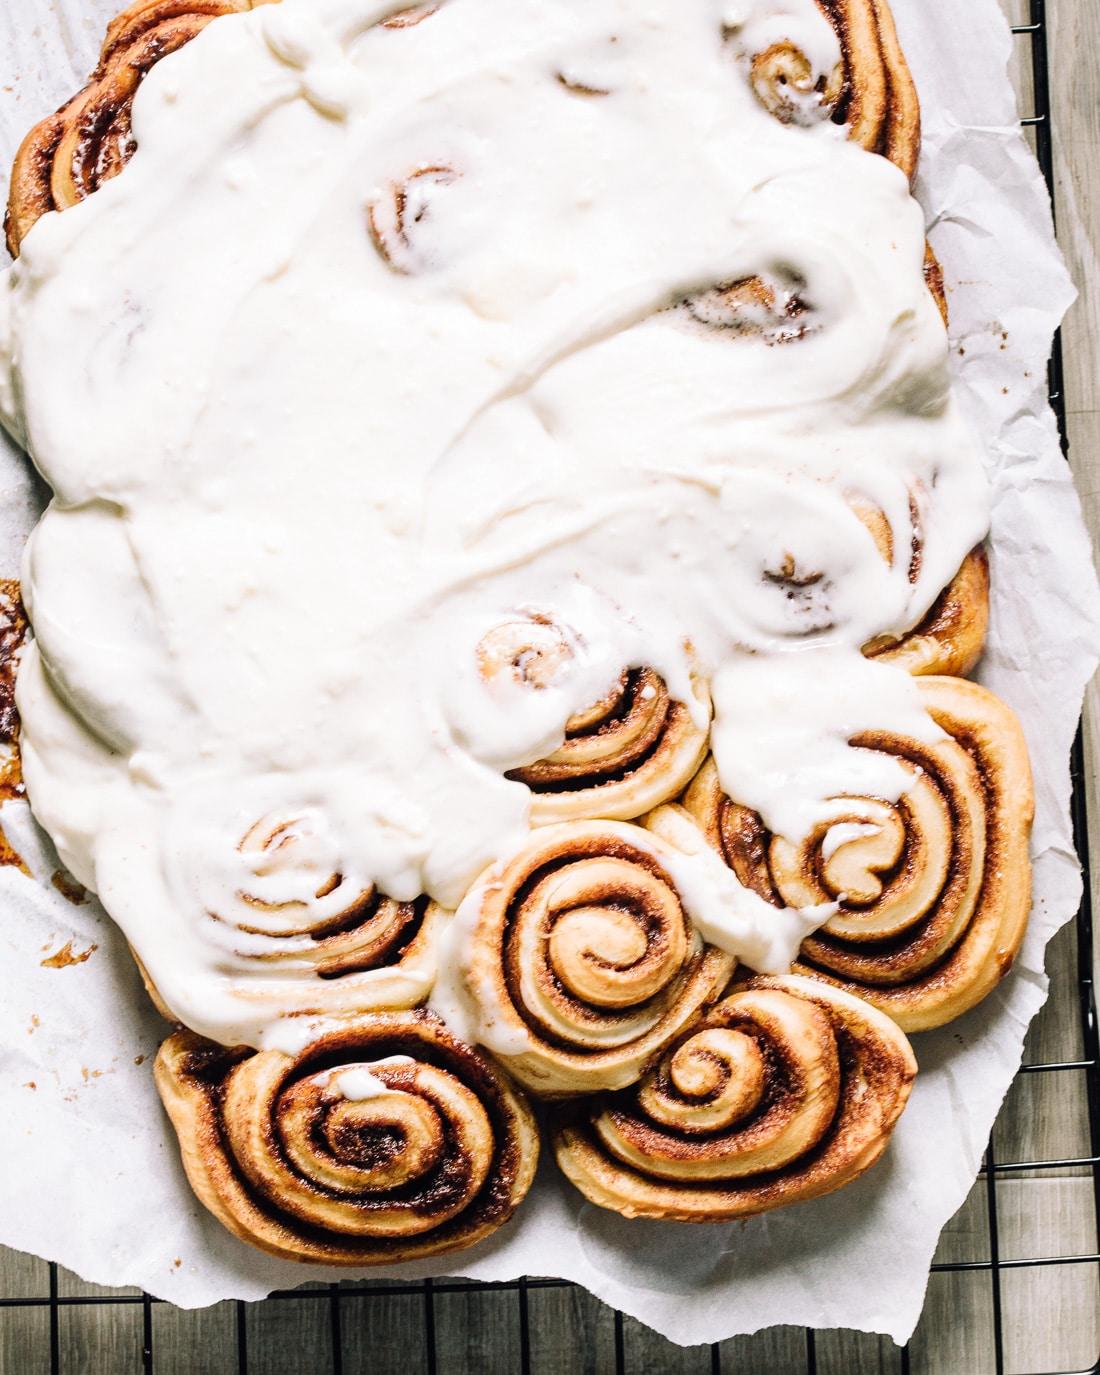 Homemade cinnamon buns